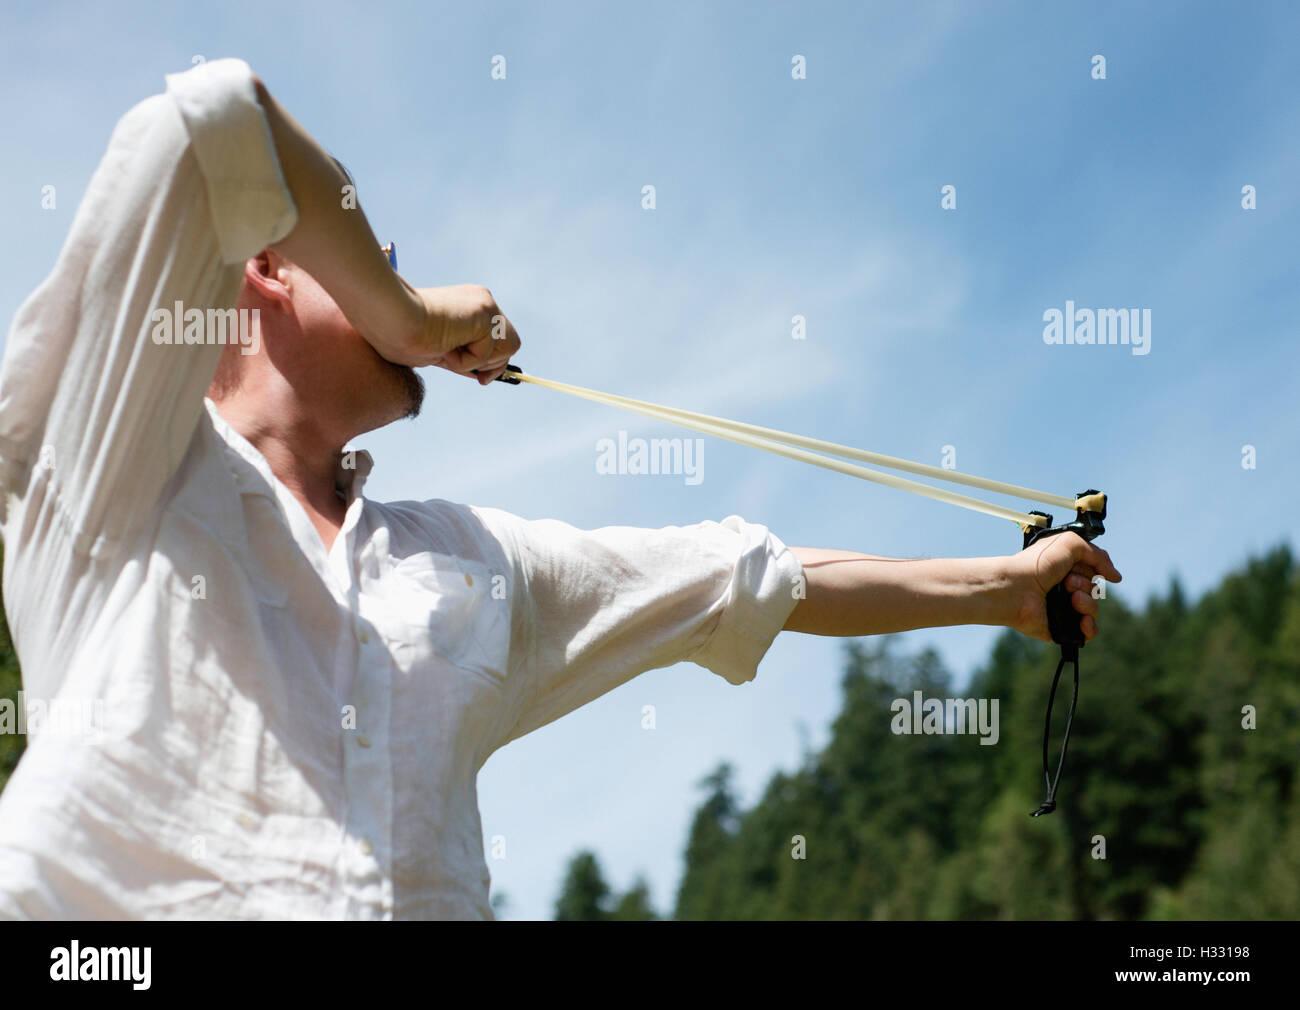 Un hombre dispara un sling shot Imagen De Stock